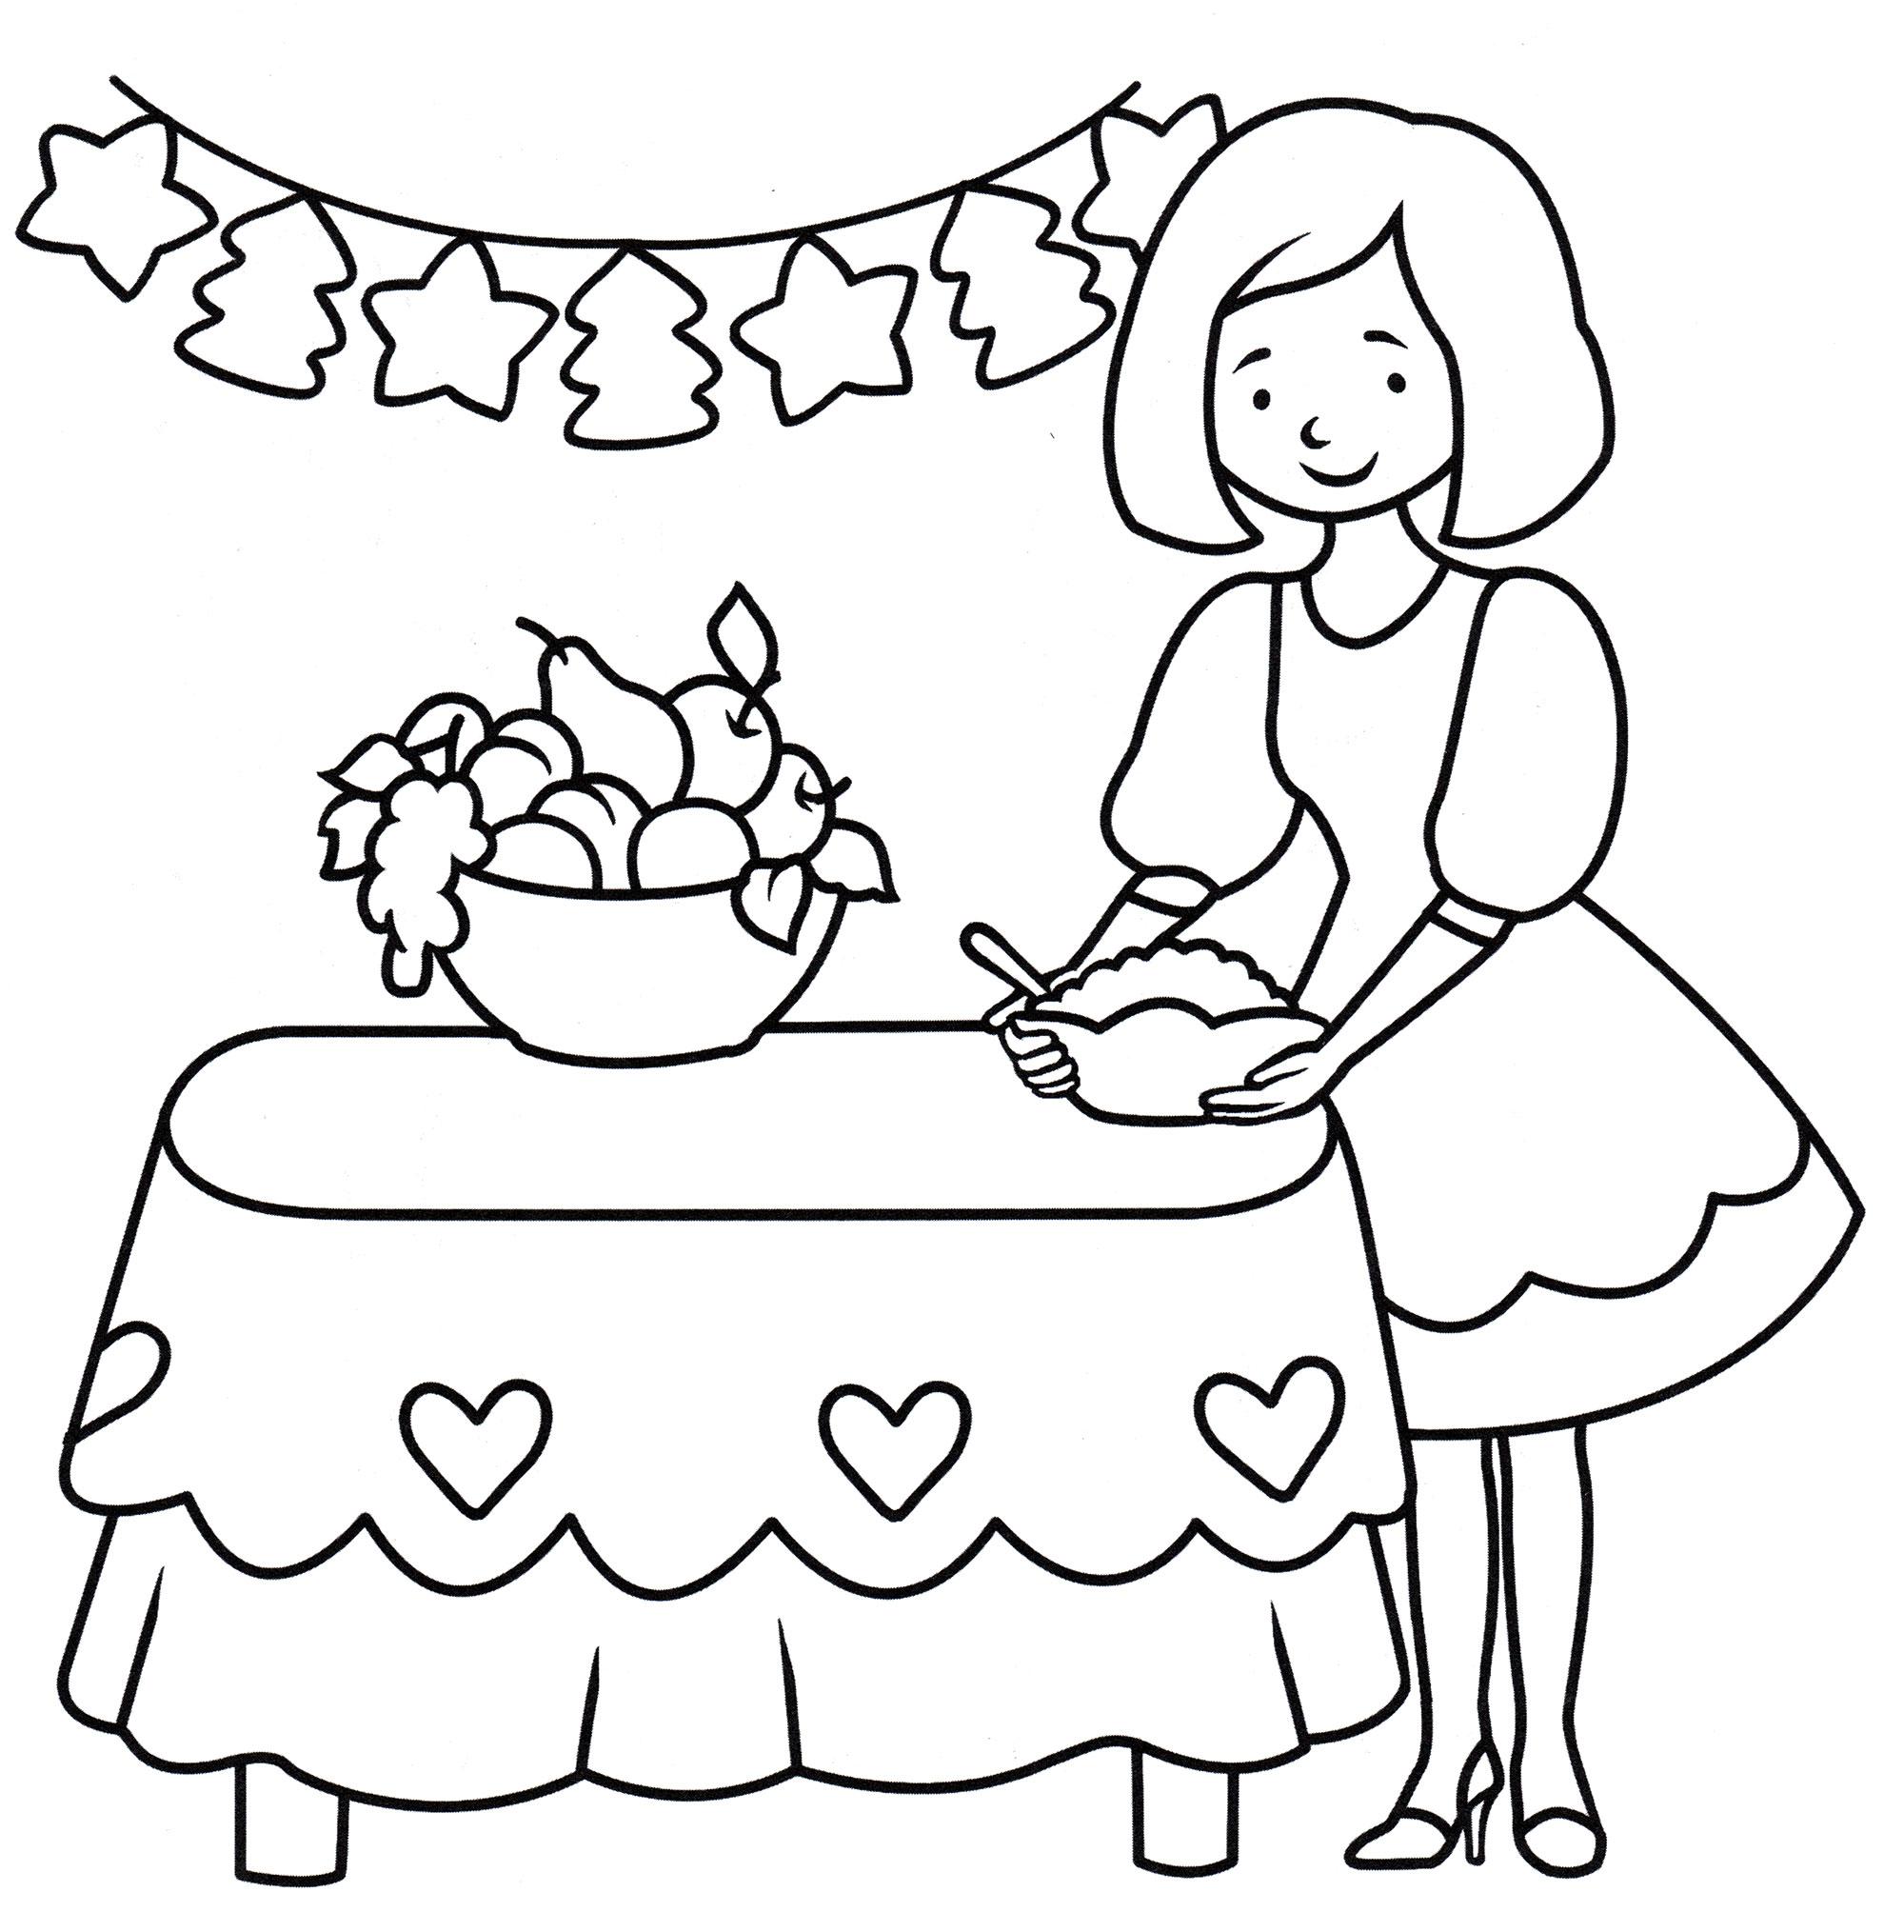 Раскраска Мама готовит новогодний стол - распечатать бесплатно